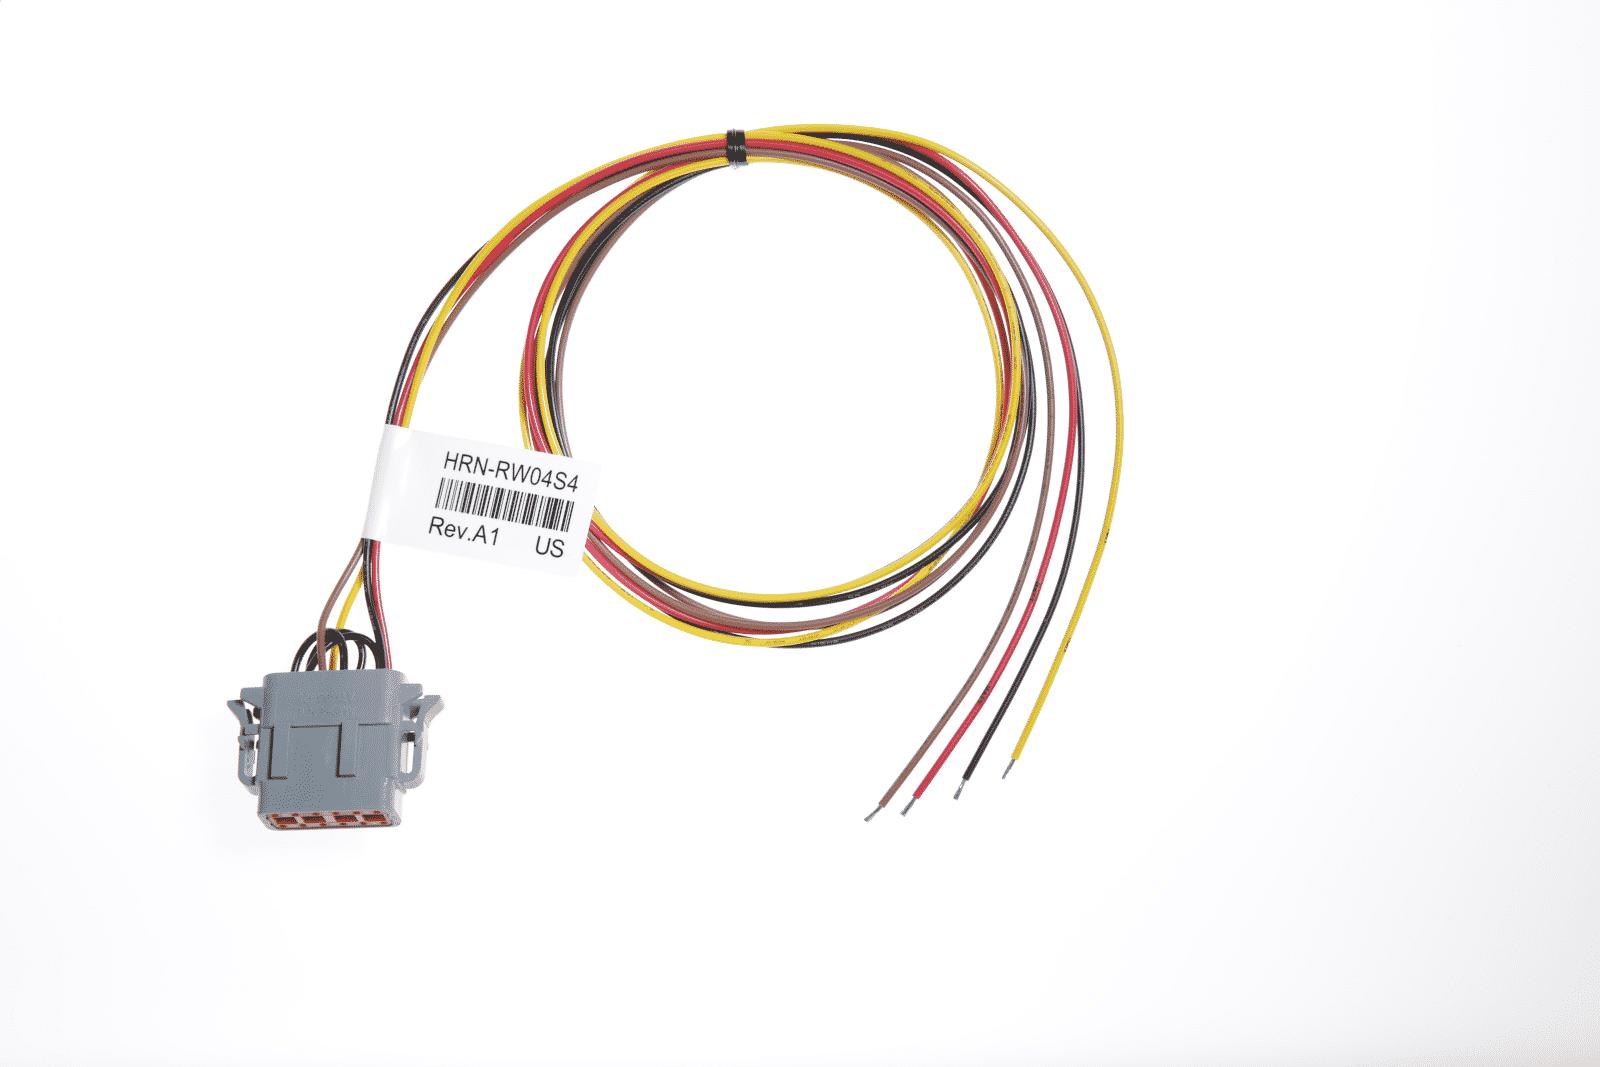 Bild: Geotab HRN-RW04S4 Kabelbaum differential-Kabelbaum für Trennung des Minuspols der Batterie